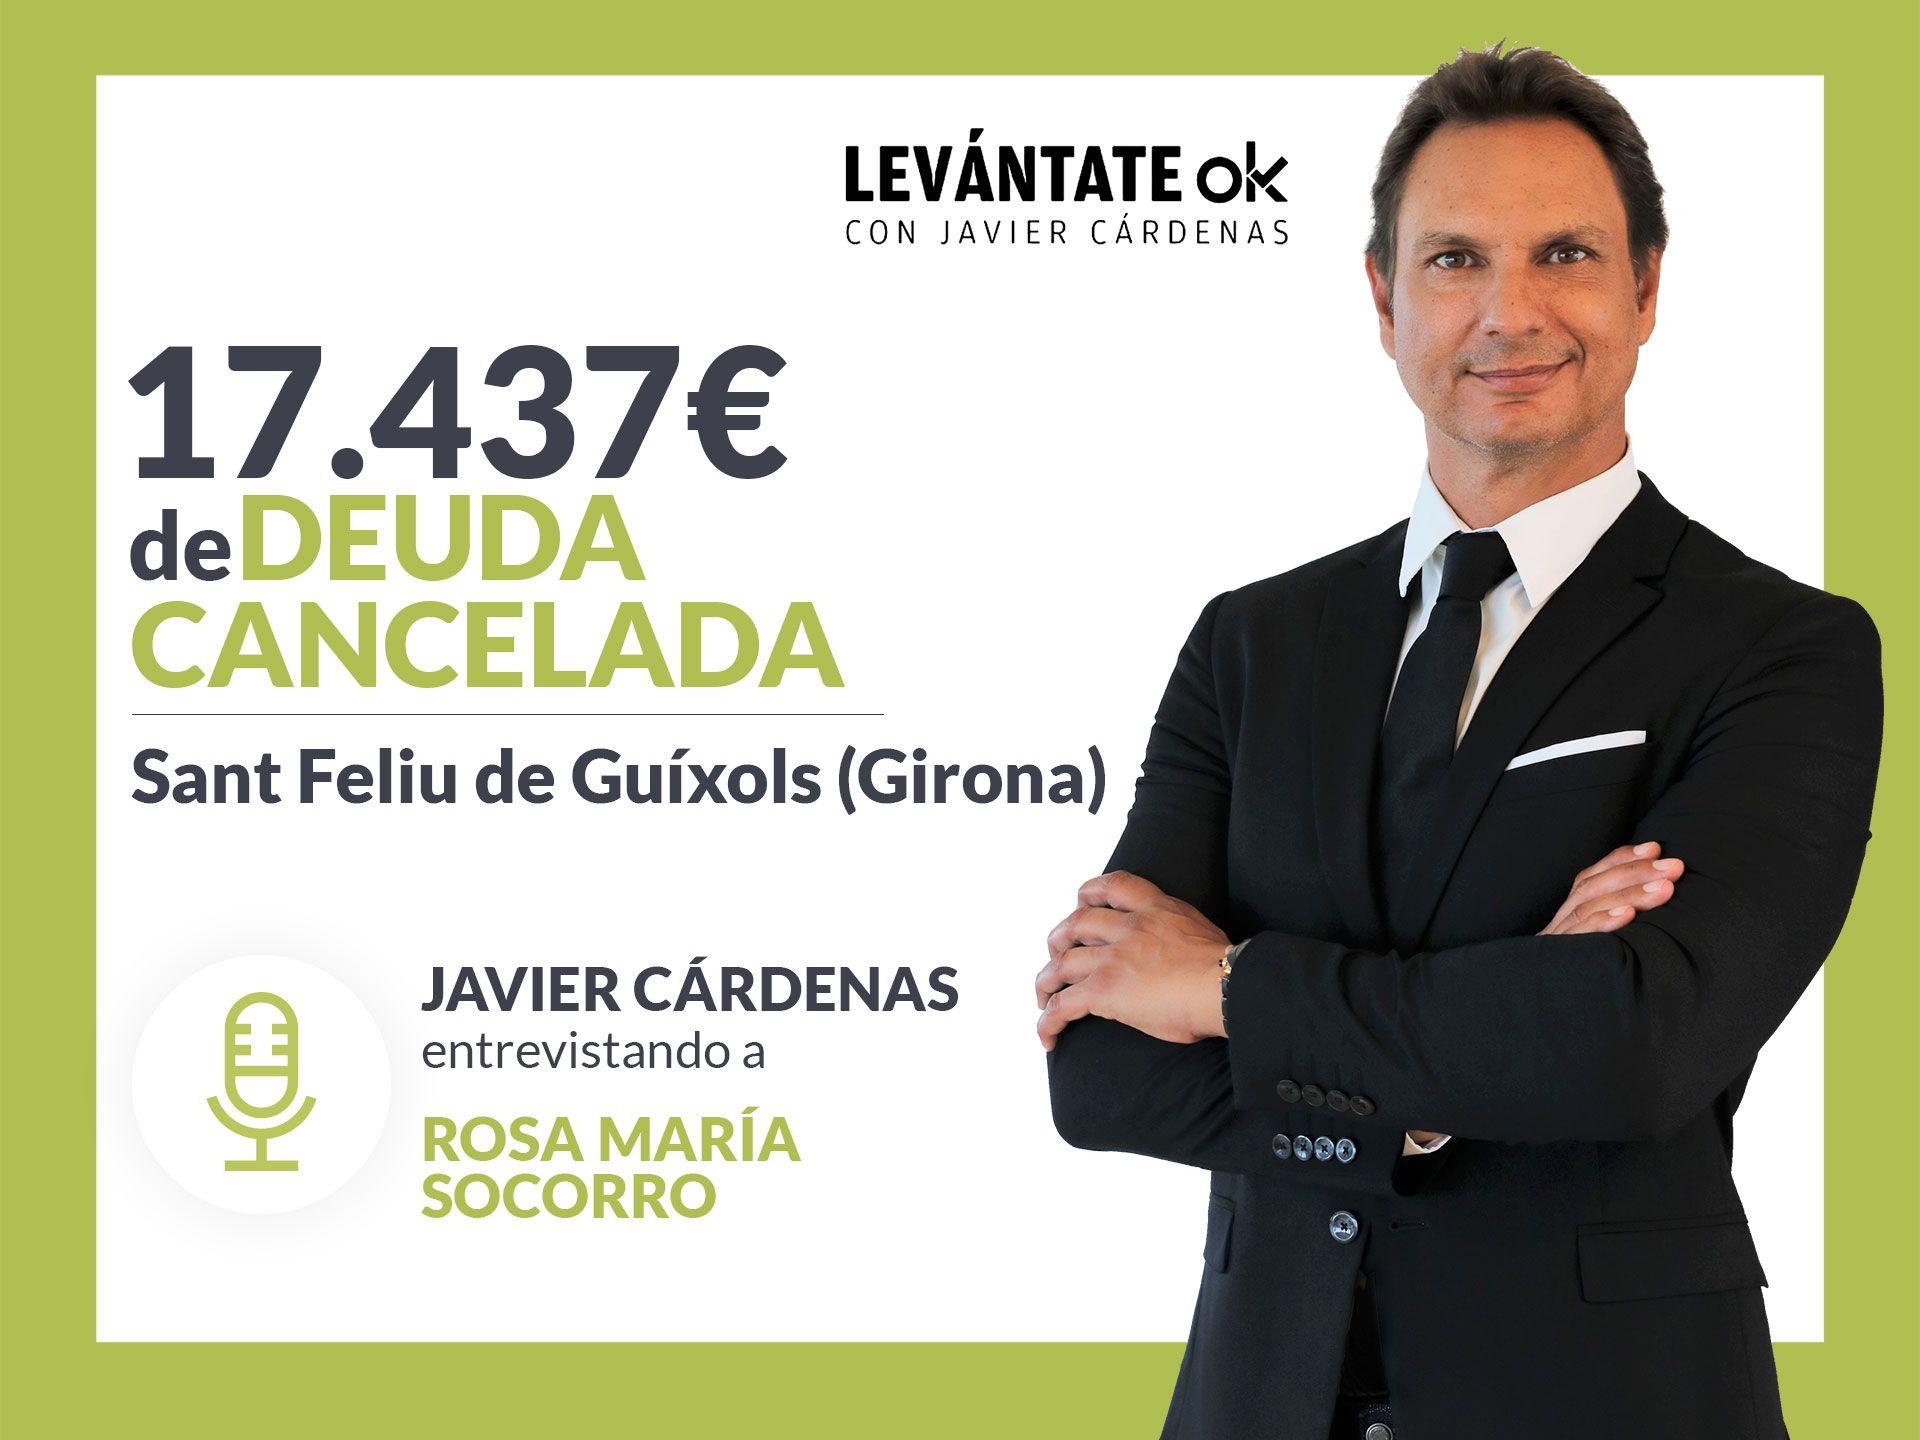 Cárdenas realiza la segunda entrevista a cliente de Repara tu Deuda libre por la Ley de Segunda Oportunidad